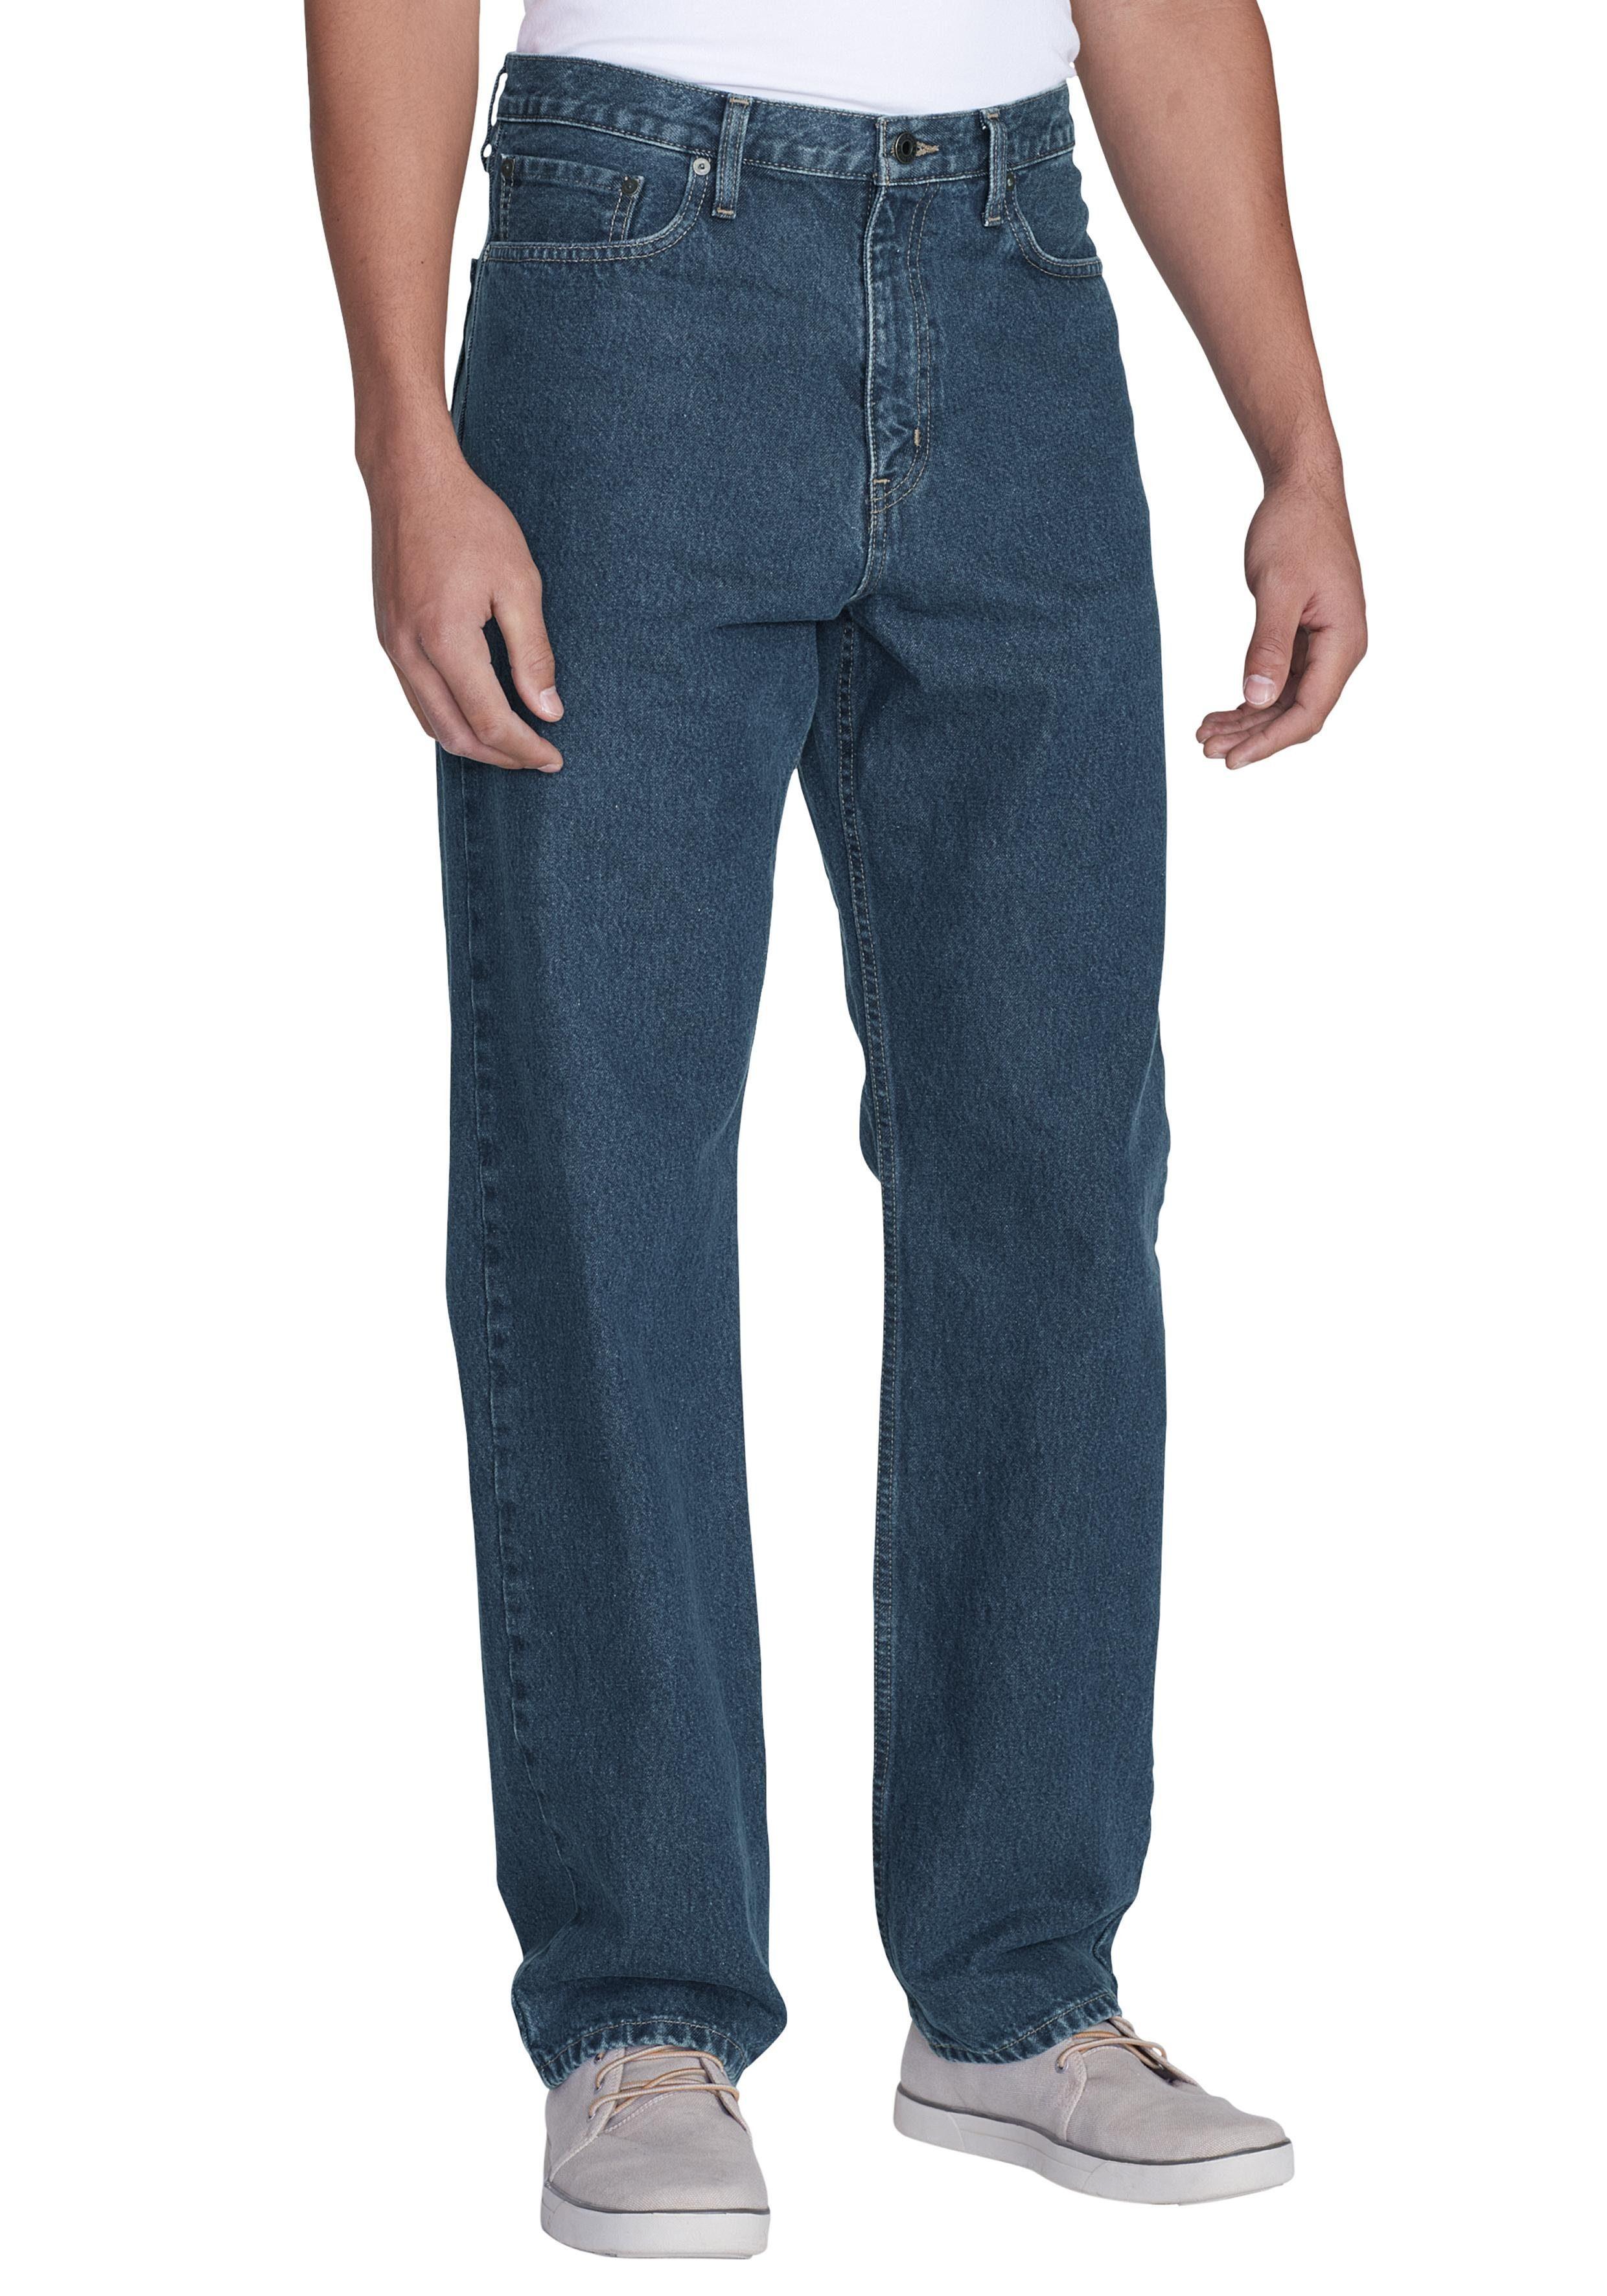 5 Fit Online Kaufen Eddie jeans Bauer JeansTraditional pocket Essential ny0N8wvOm